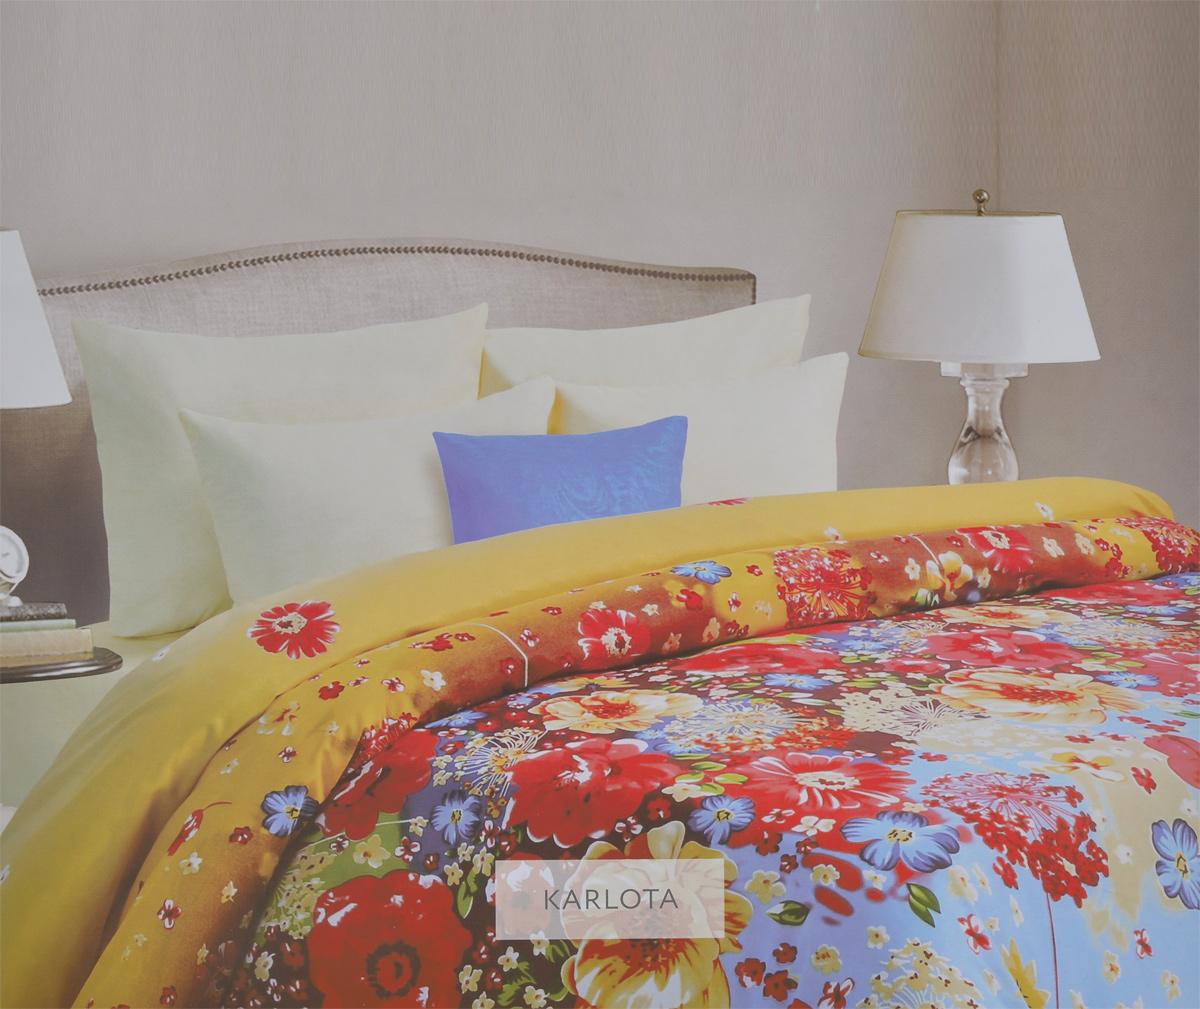 Комплект белья Mona Liza Karlota, 1,5-спальный, наволочки 70х70. 561114/5561114/5Комплект белья Mona Liza Karlota, выполненный из батиста (100% хлопок), состоит из пододеяльника, простыни и двух наволочек. Изделия оформлены ярким цветочным рисунком. Батист - тонкая, легкая натуральная ткань полотняного переплетения. Батист, несомненно, является одной из самых аристократичных и совершенных тканей. Он отличается нежностью, трепетной утонченностью и изысканностью. Ткань с незначительной сминаемостью, хорошо сохраняющая цвет при стирке, легкая, с прекрасными гигиеническими показателями. Рекомендации по уходу: - Ручная и машинная стирка 40°С, - Гладить при температуре не более 150°С, - Не использовать хлорсодержащие средства, - Щадящая сушка, - Не подвергать химчистке.